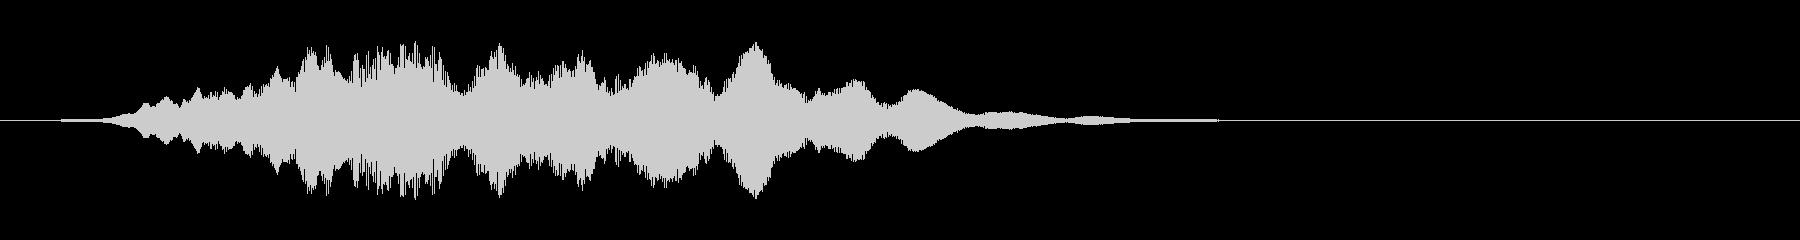 文字列のような不気味なスティンガー...の未再生の波形